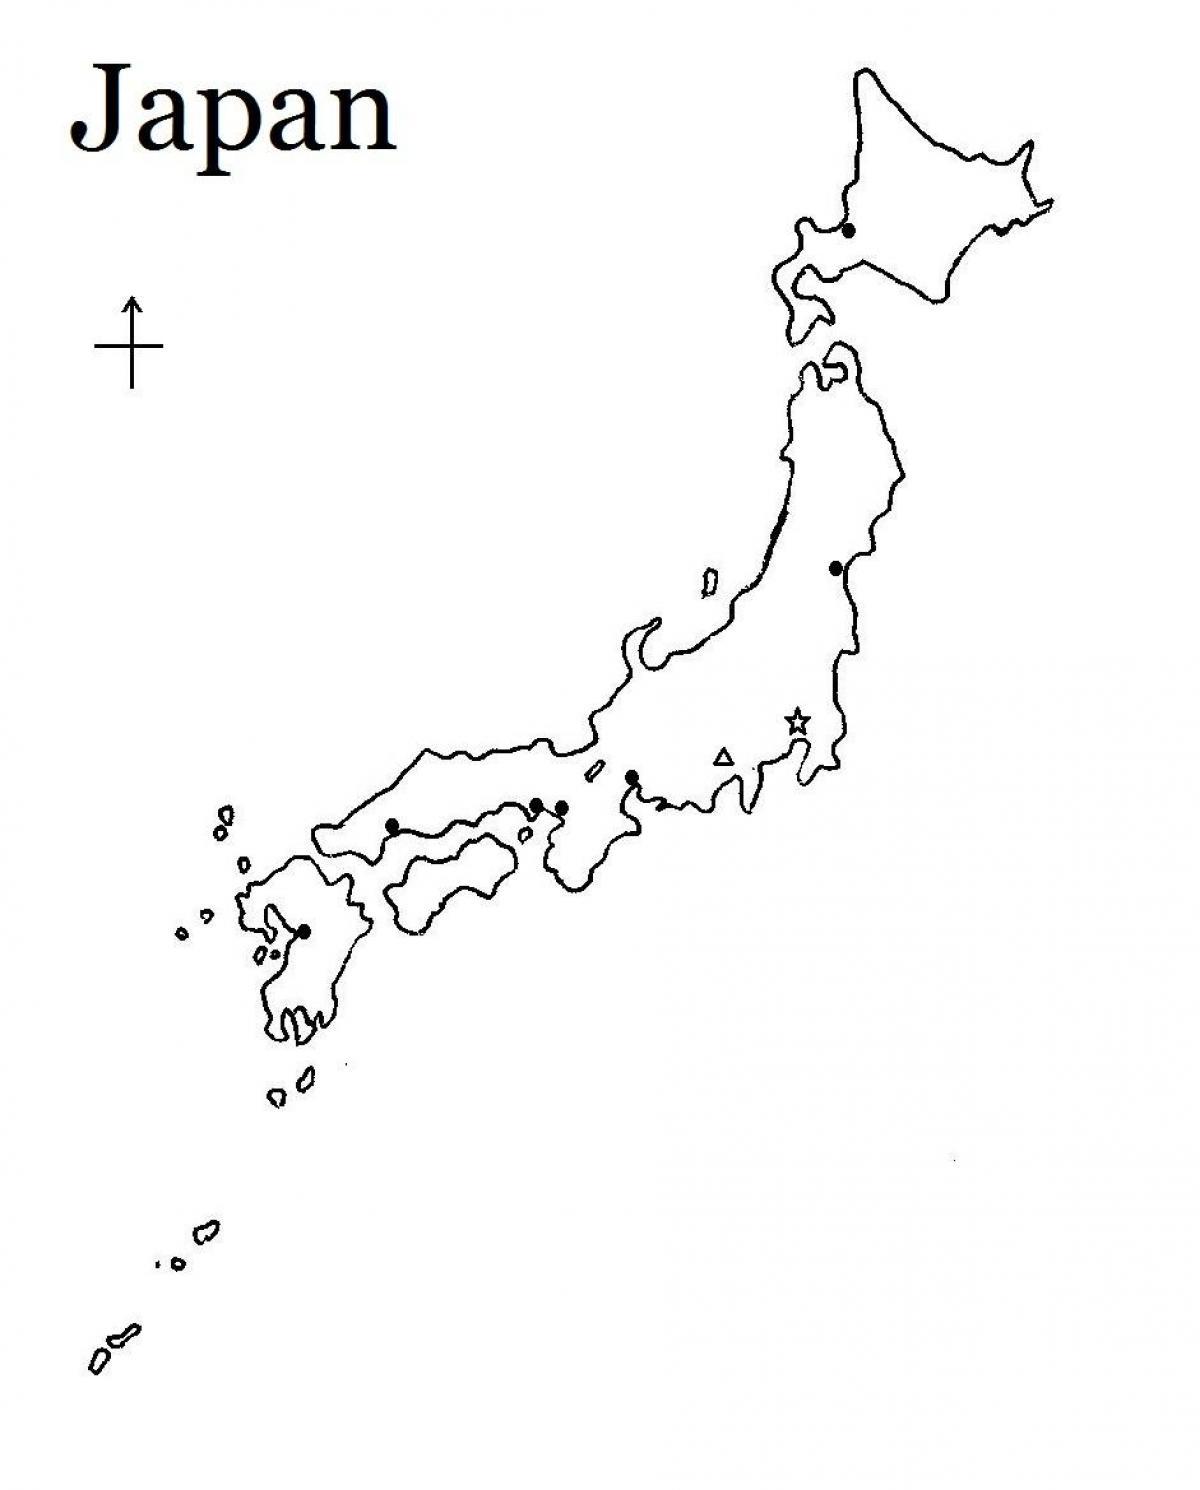 carte du japon simple Le japon carte simple   Simple carte du japon (Asie de l'est   Asie)